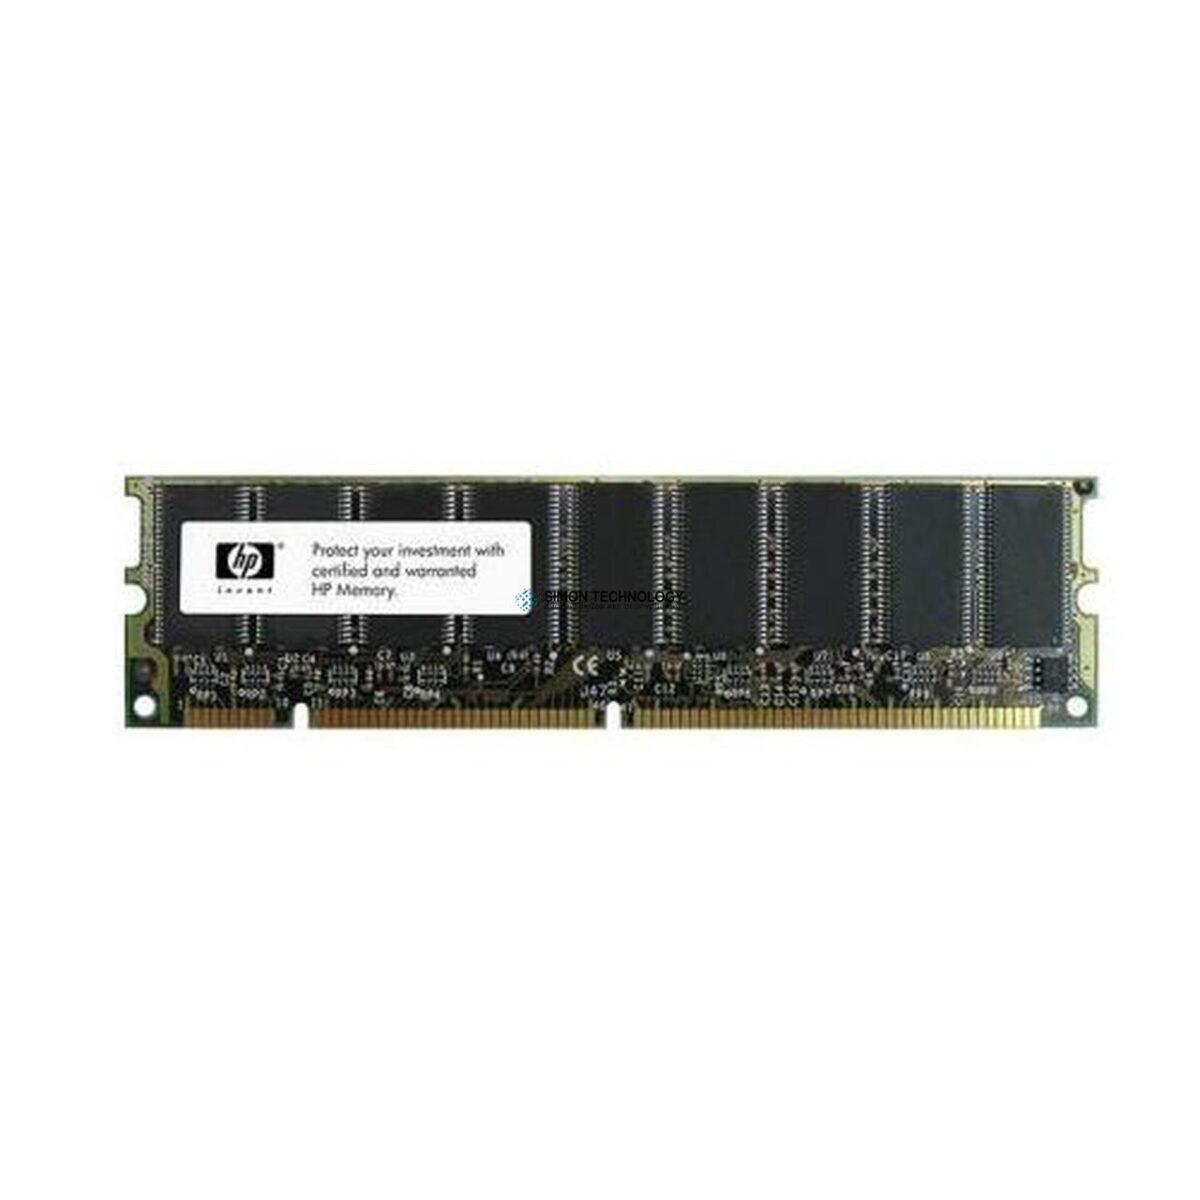 Оперативная память HPE Memory 1GB DIMM.REG.128Mx72ML (321851-001)